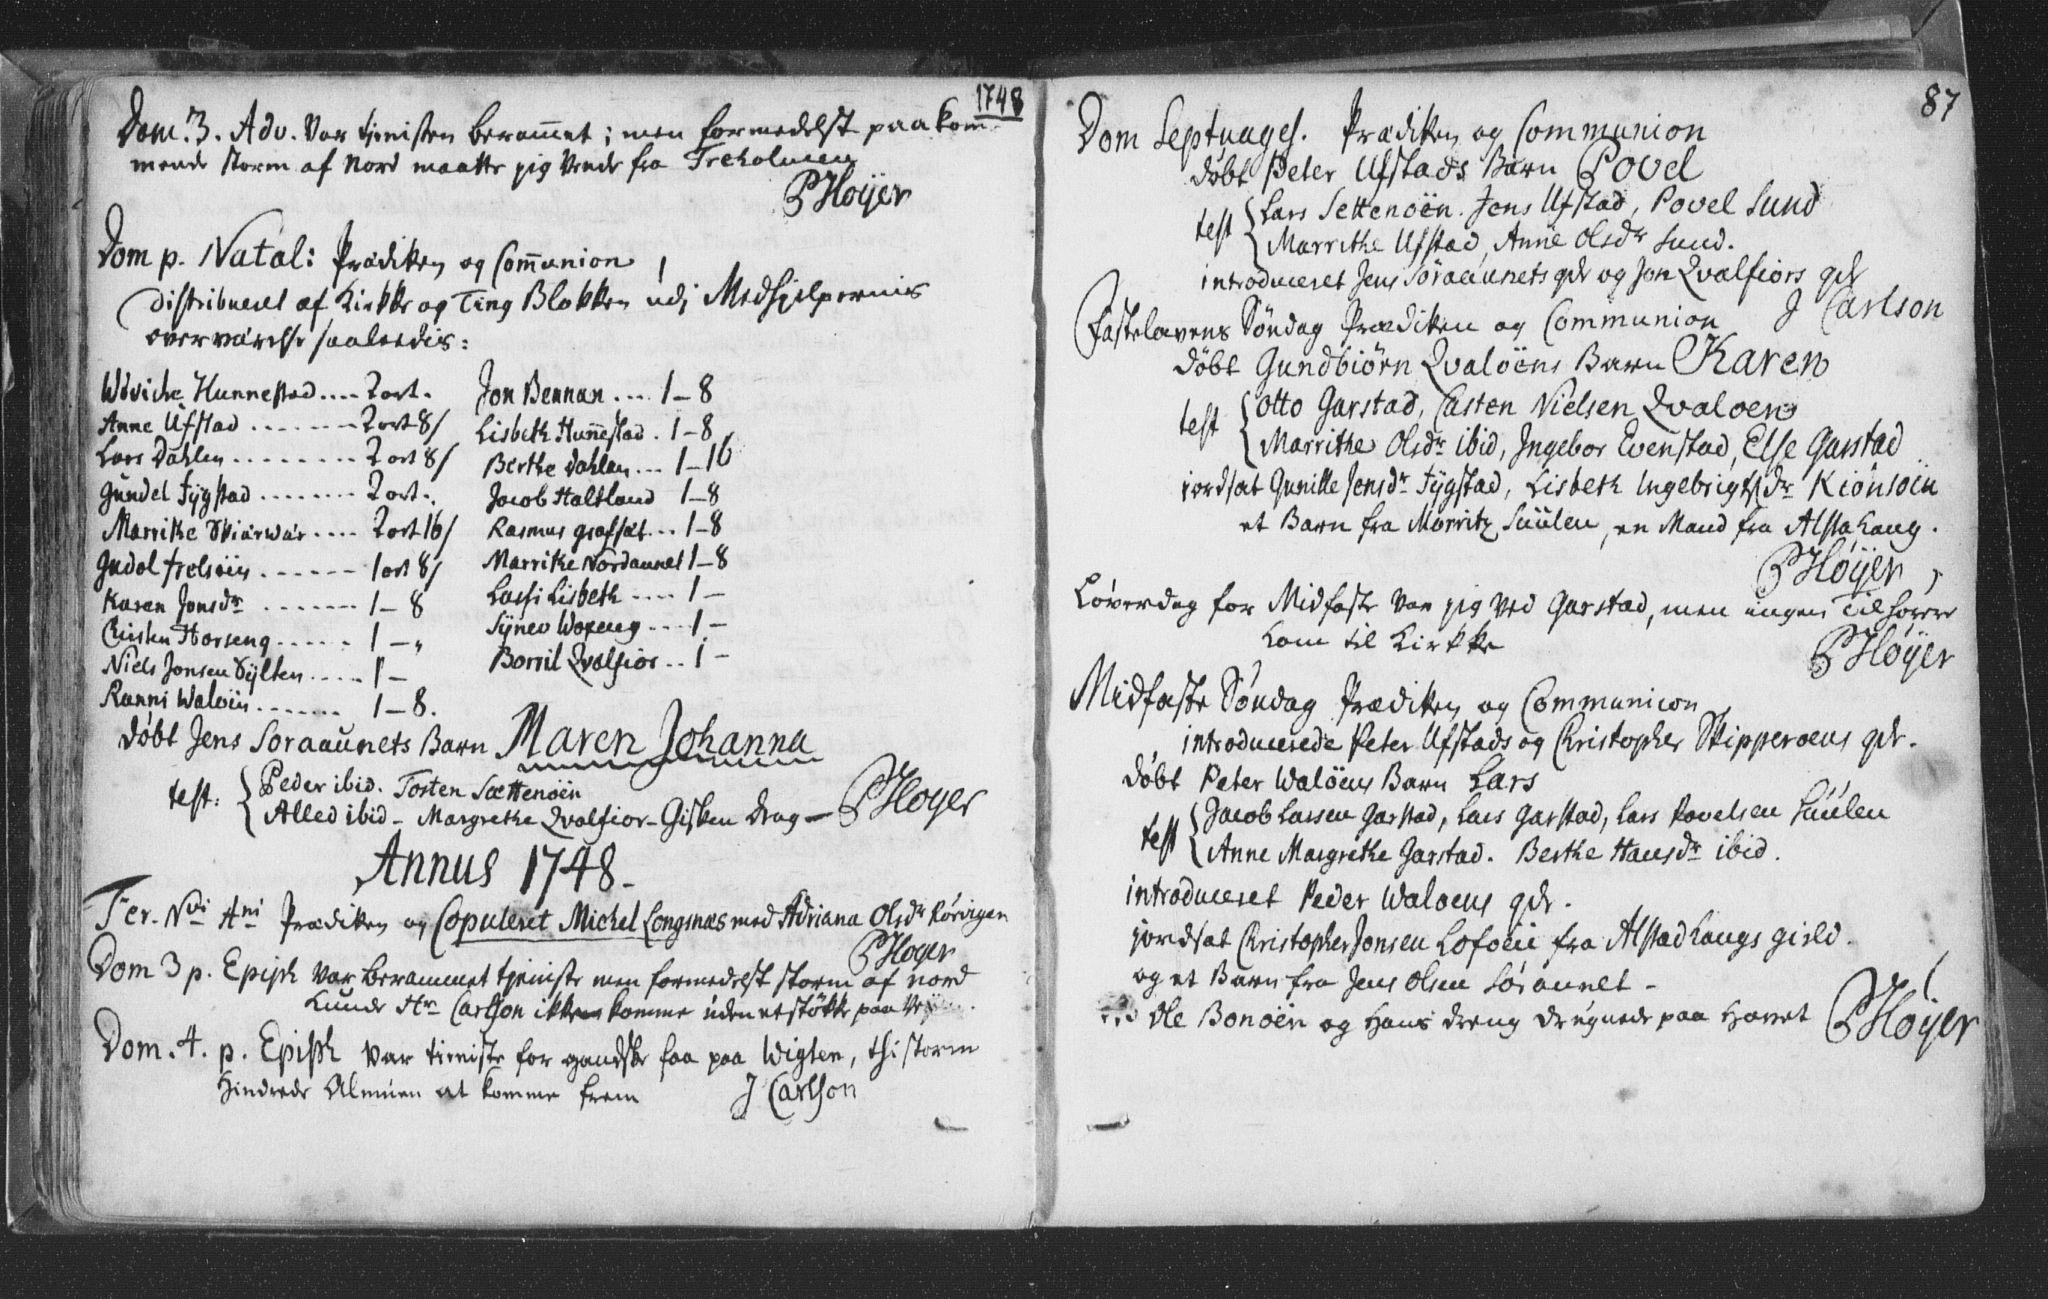 SAT, Ministerialprotokoller, klokkerbøker og fødselsregistre - Nord-Trøndelag, 786/L0685: Ministerialbok nr. 786A01, 1710-1798, s. 87